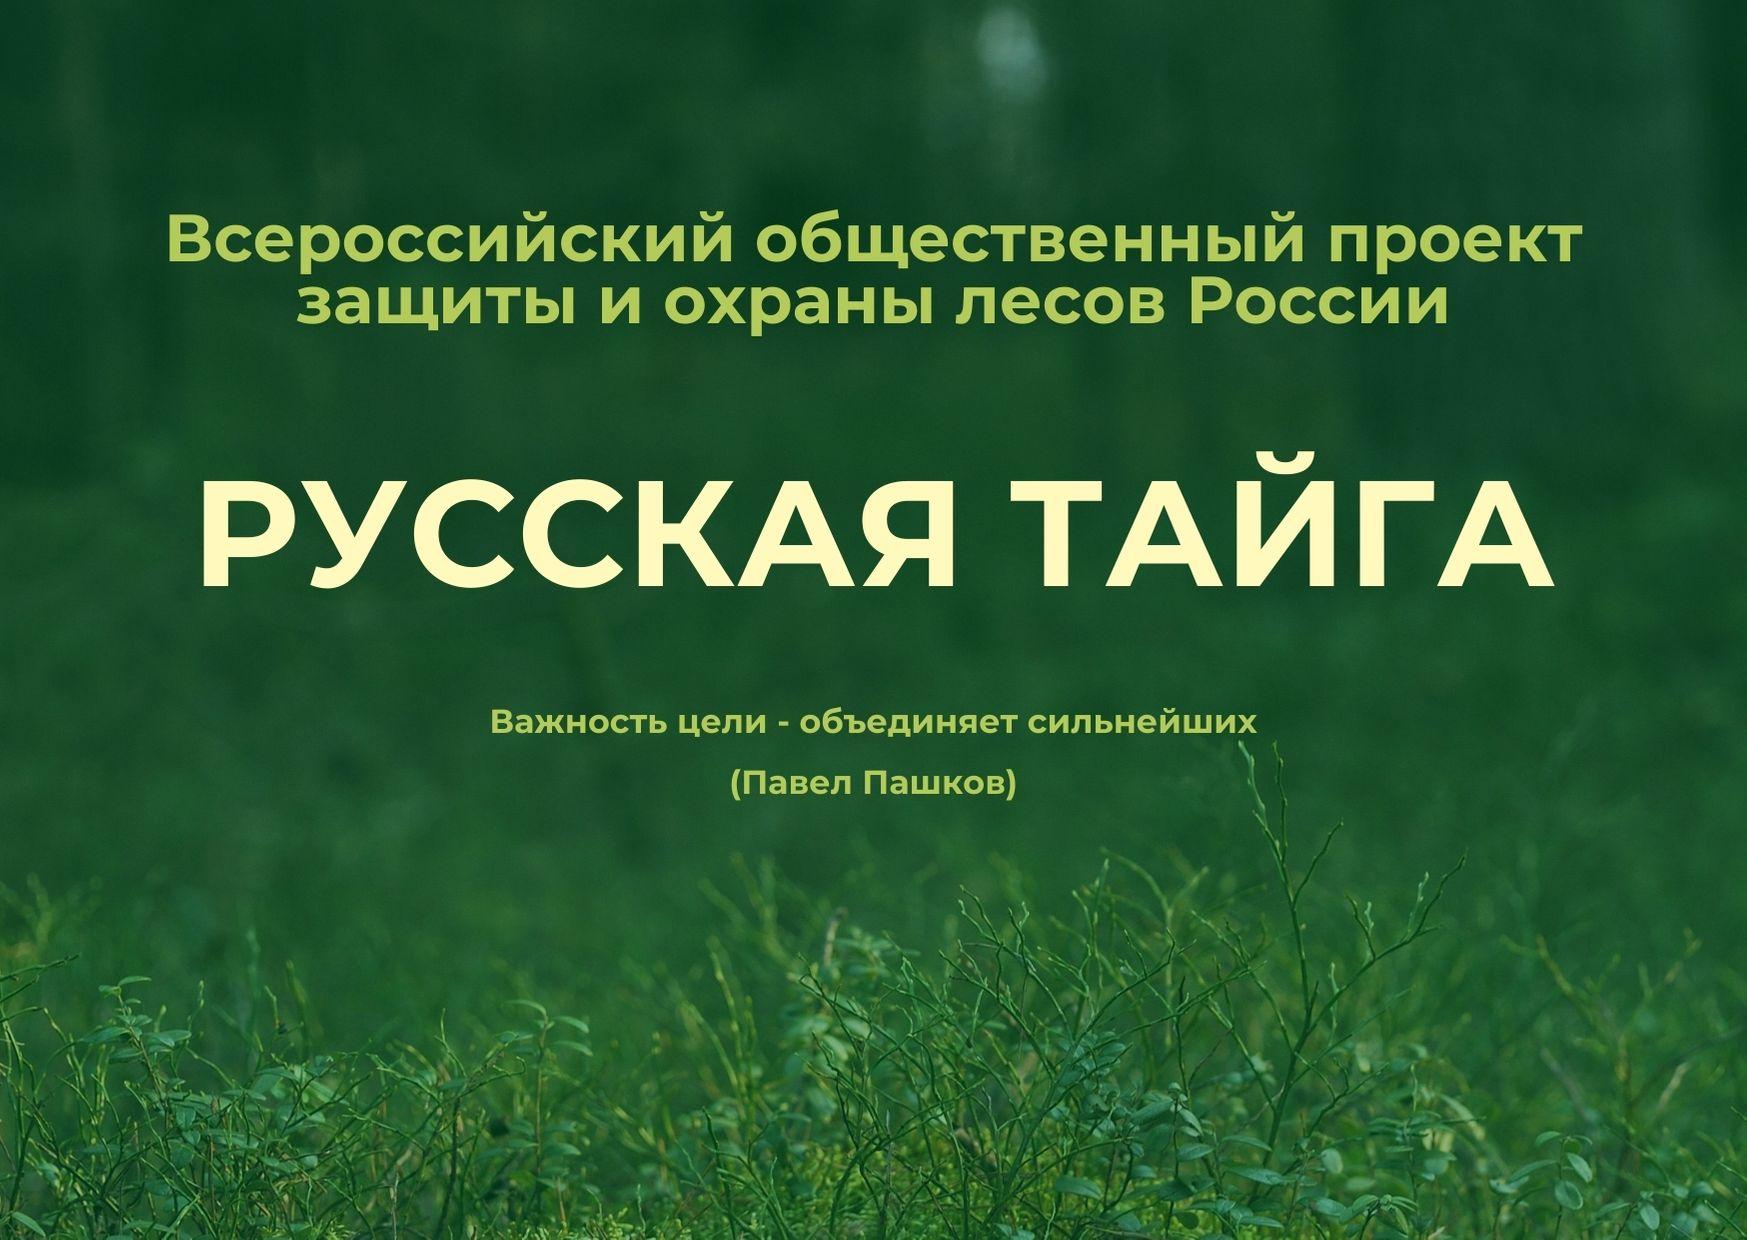 Проект «Русская Тайга»